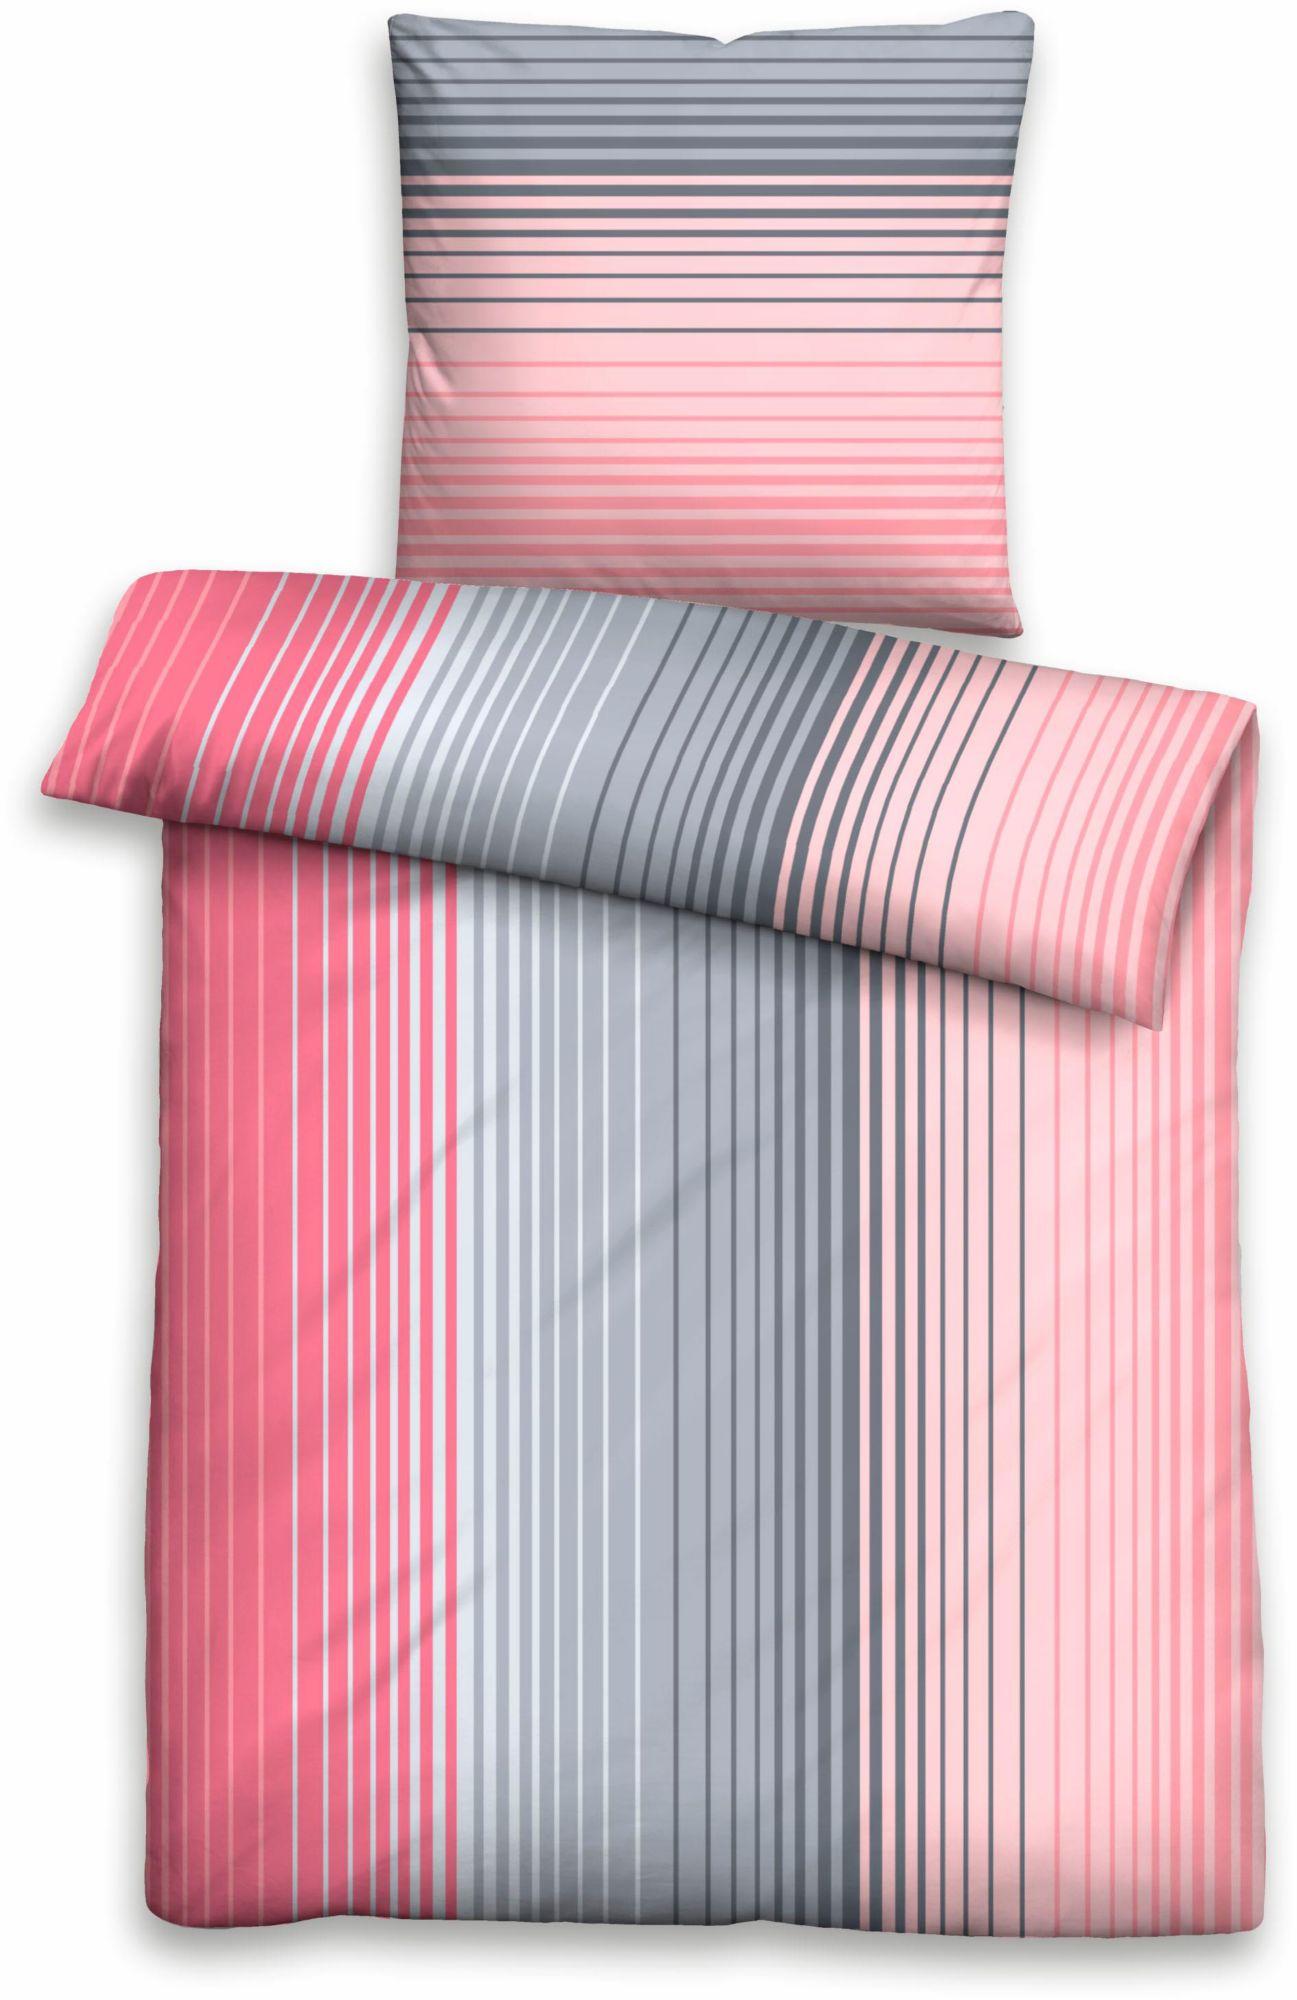 BIBERNA Bettwäsche, Biberna, »Lab«, im Streifen Design